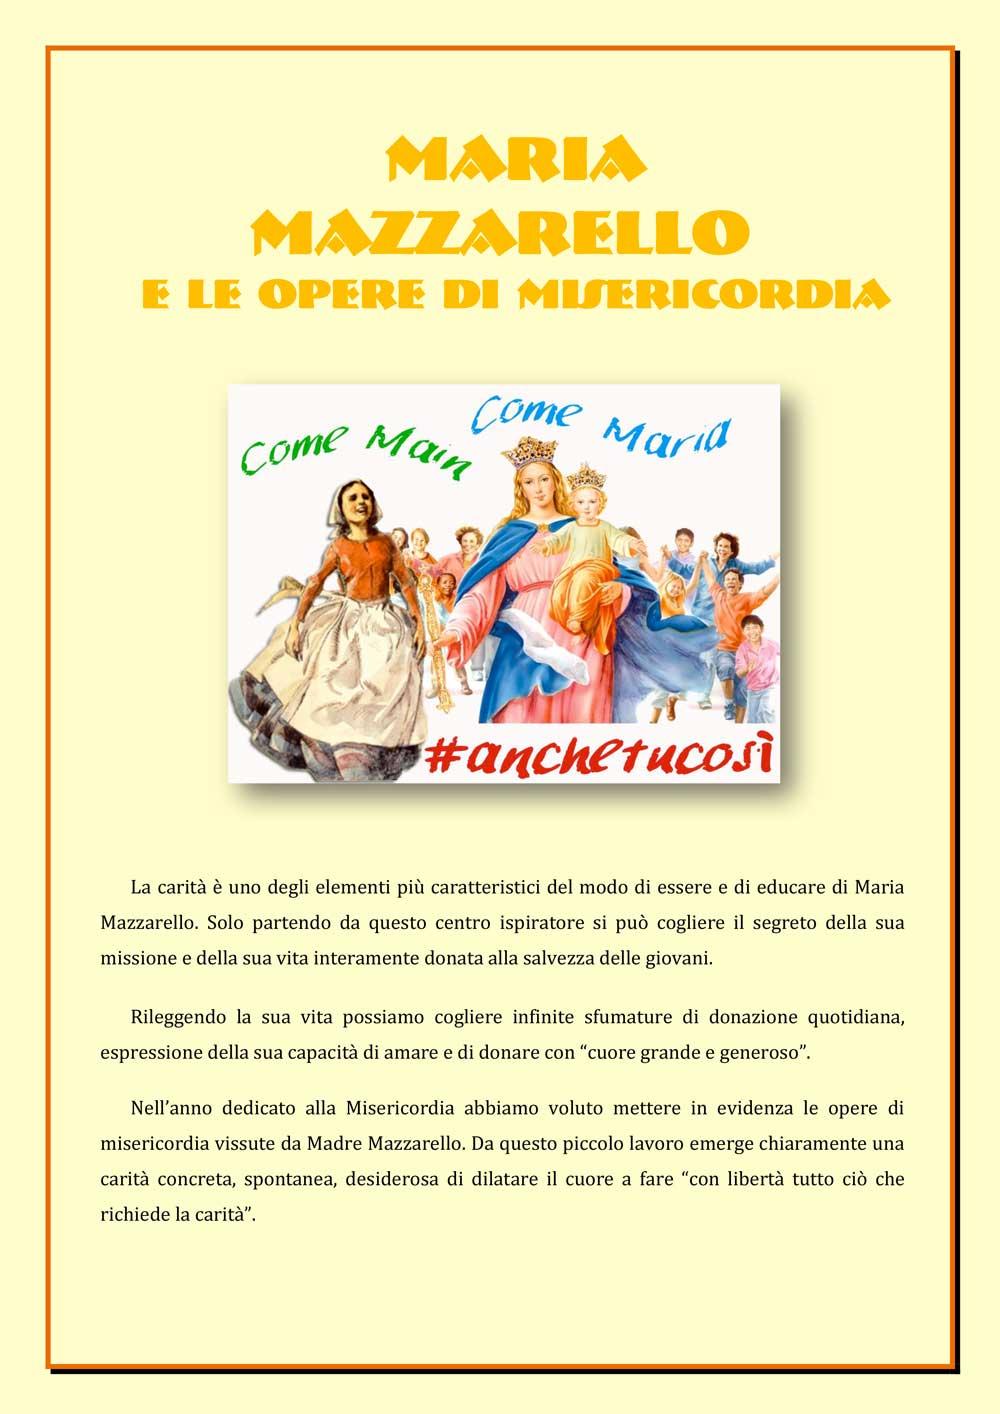 madre-mazzarello-e-le-opere-di-misericordia-1